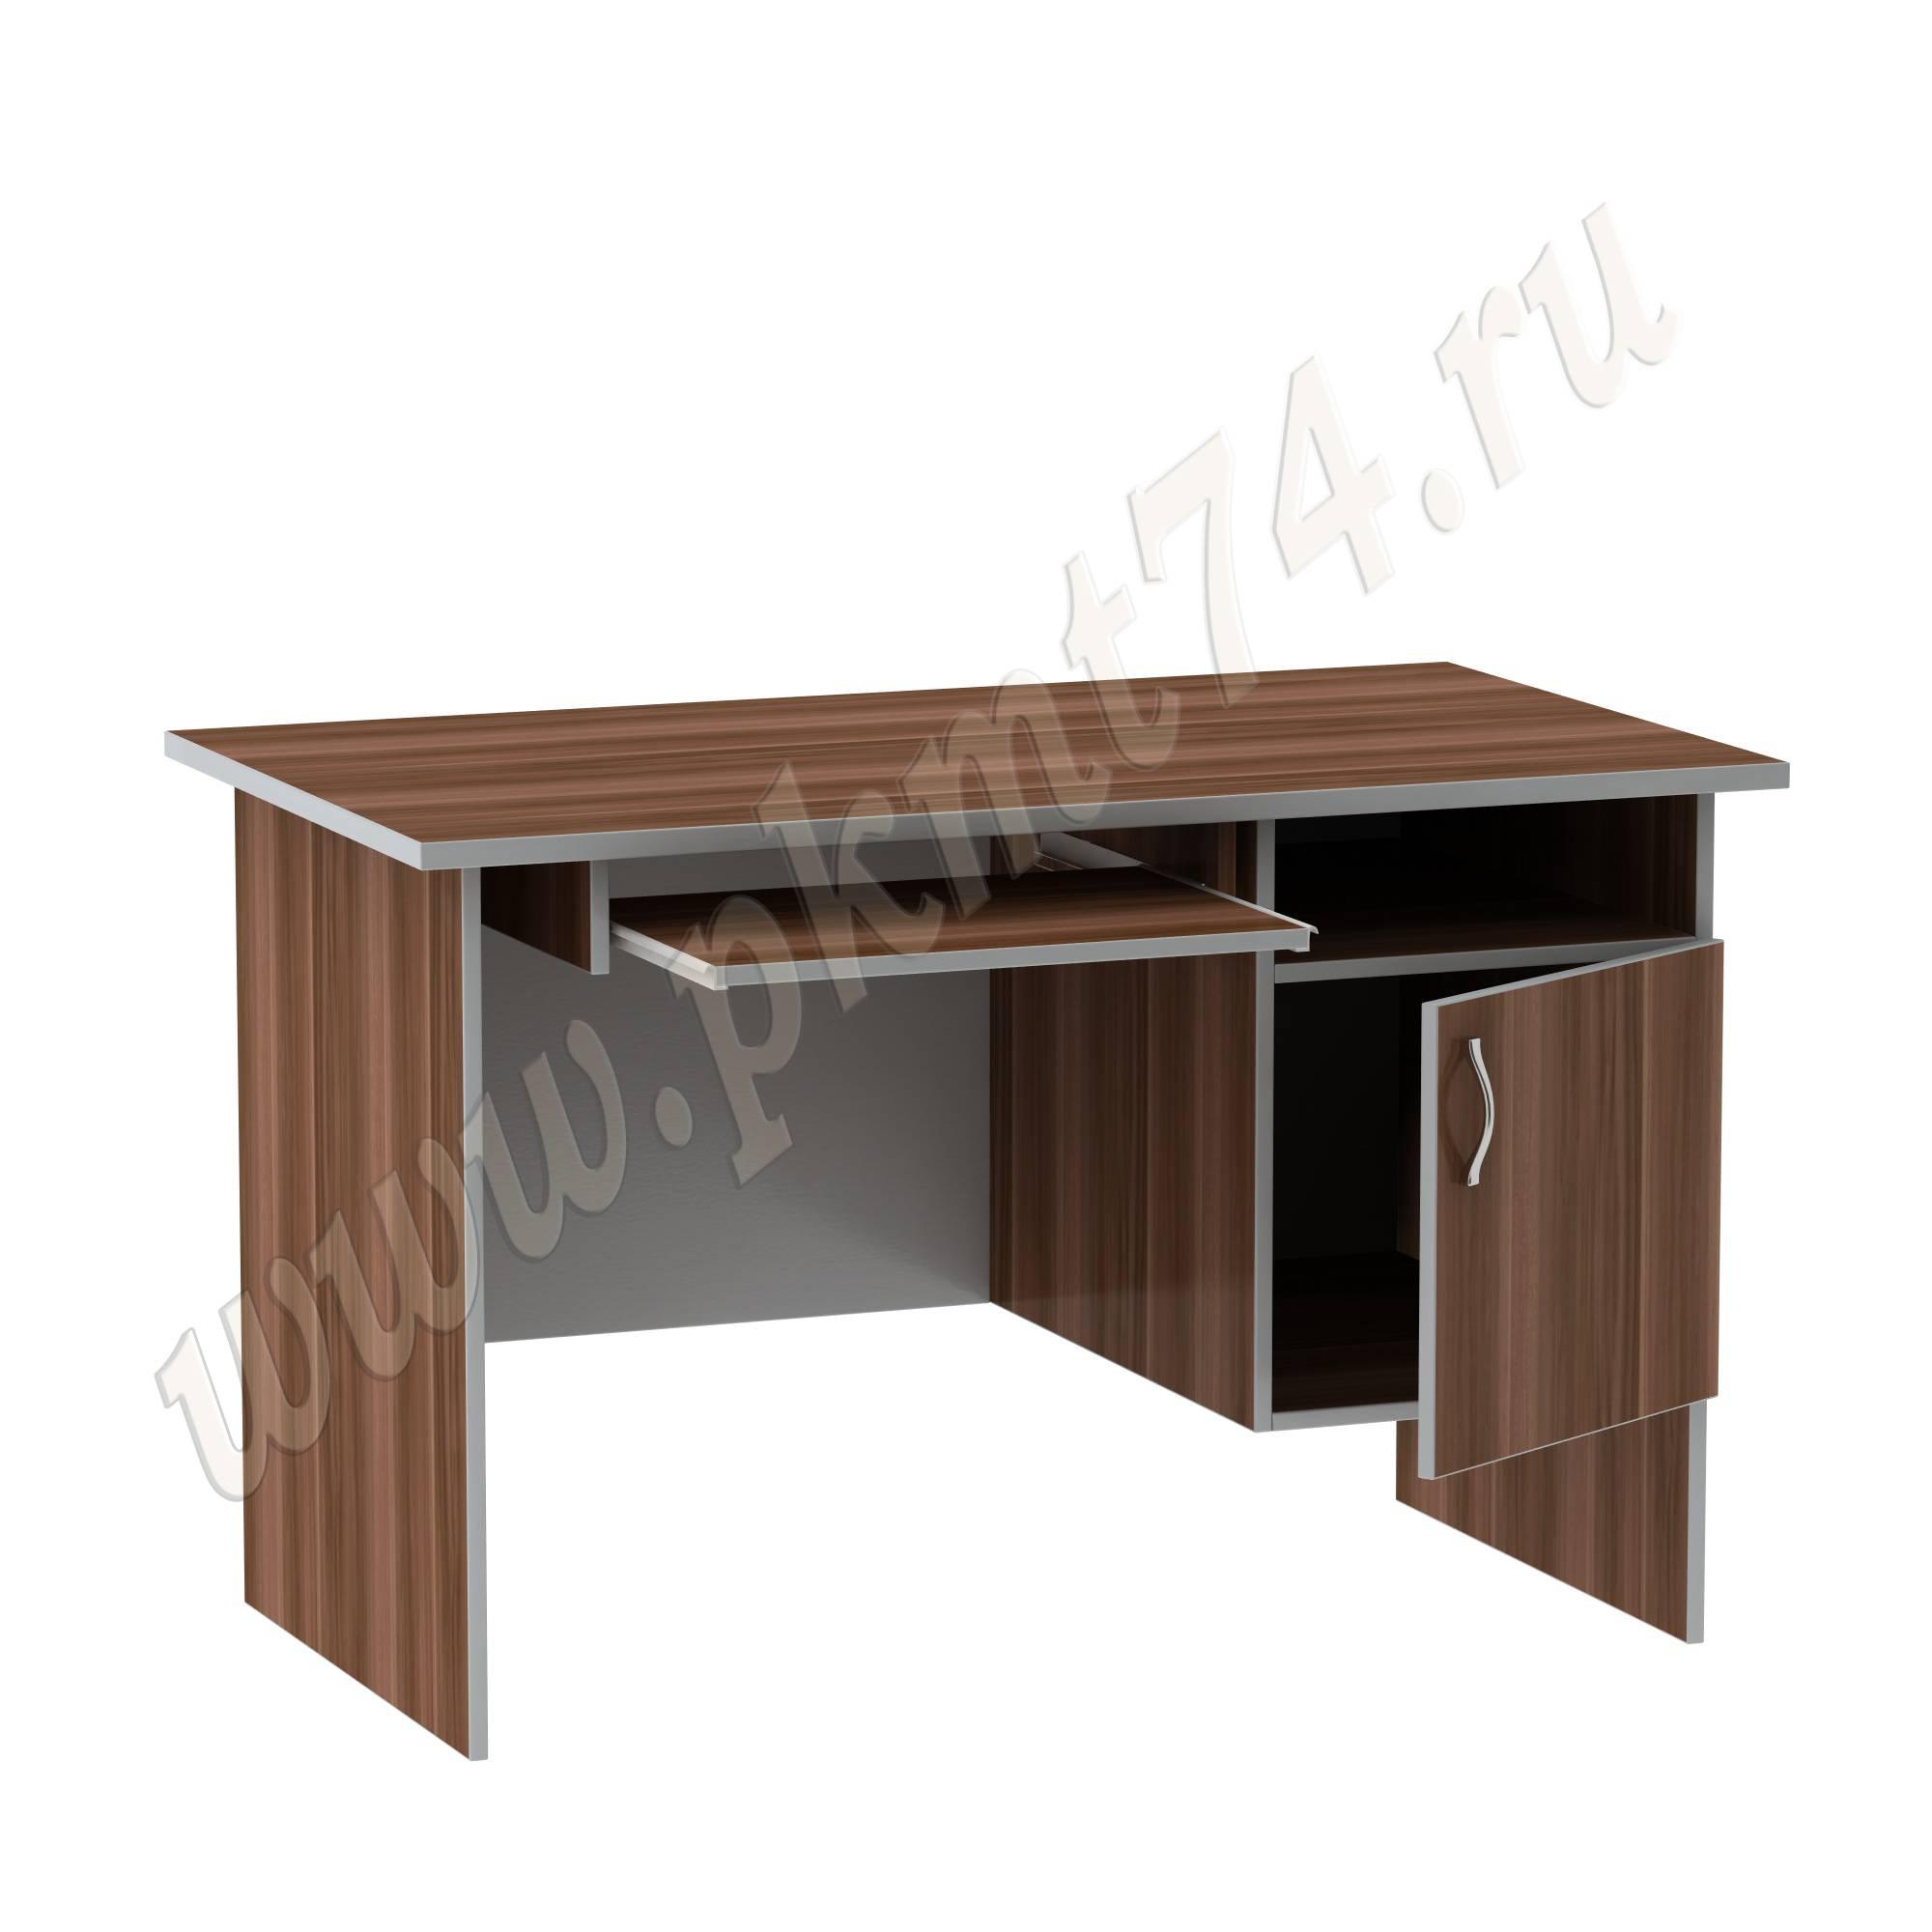 Стол компьютерный для офиса с тумбой MT 07-2 Слива-Алюминий